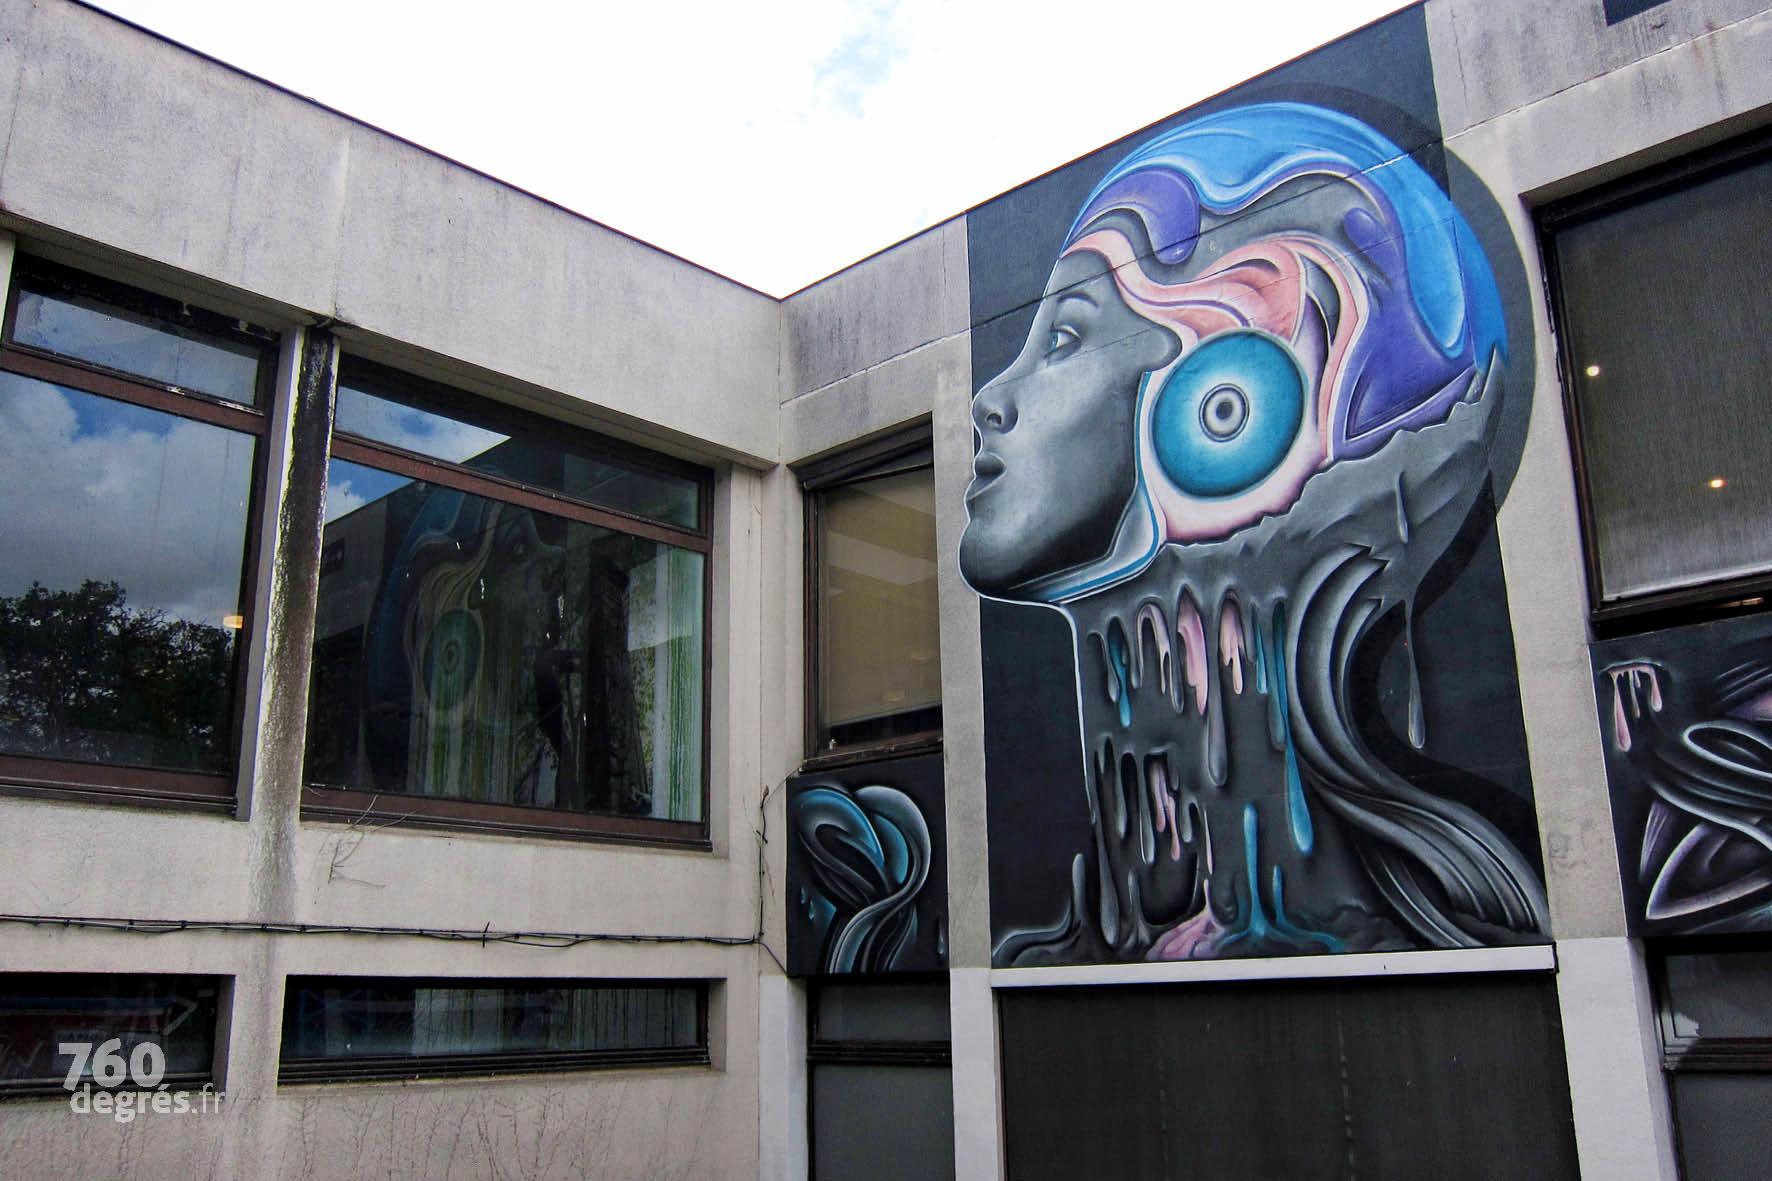 WESL (Espagne) - Hommage à la DJ ukrainienne Nastia, ce portrait a été remarqué parmi les 10 plus beaux murs au monde pour le mois de septembre 2016.